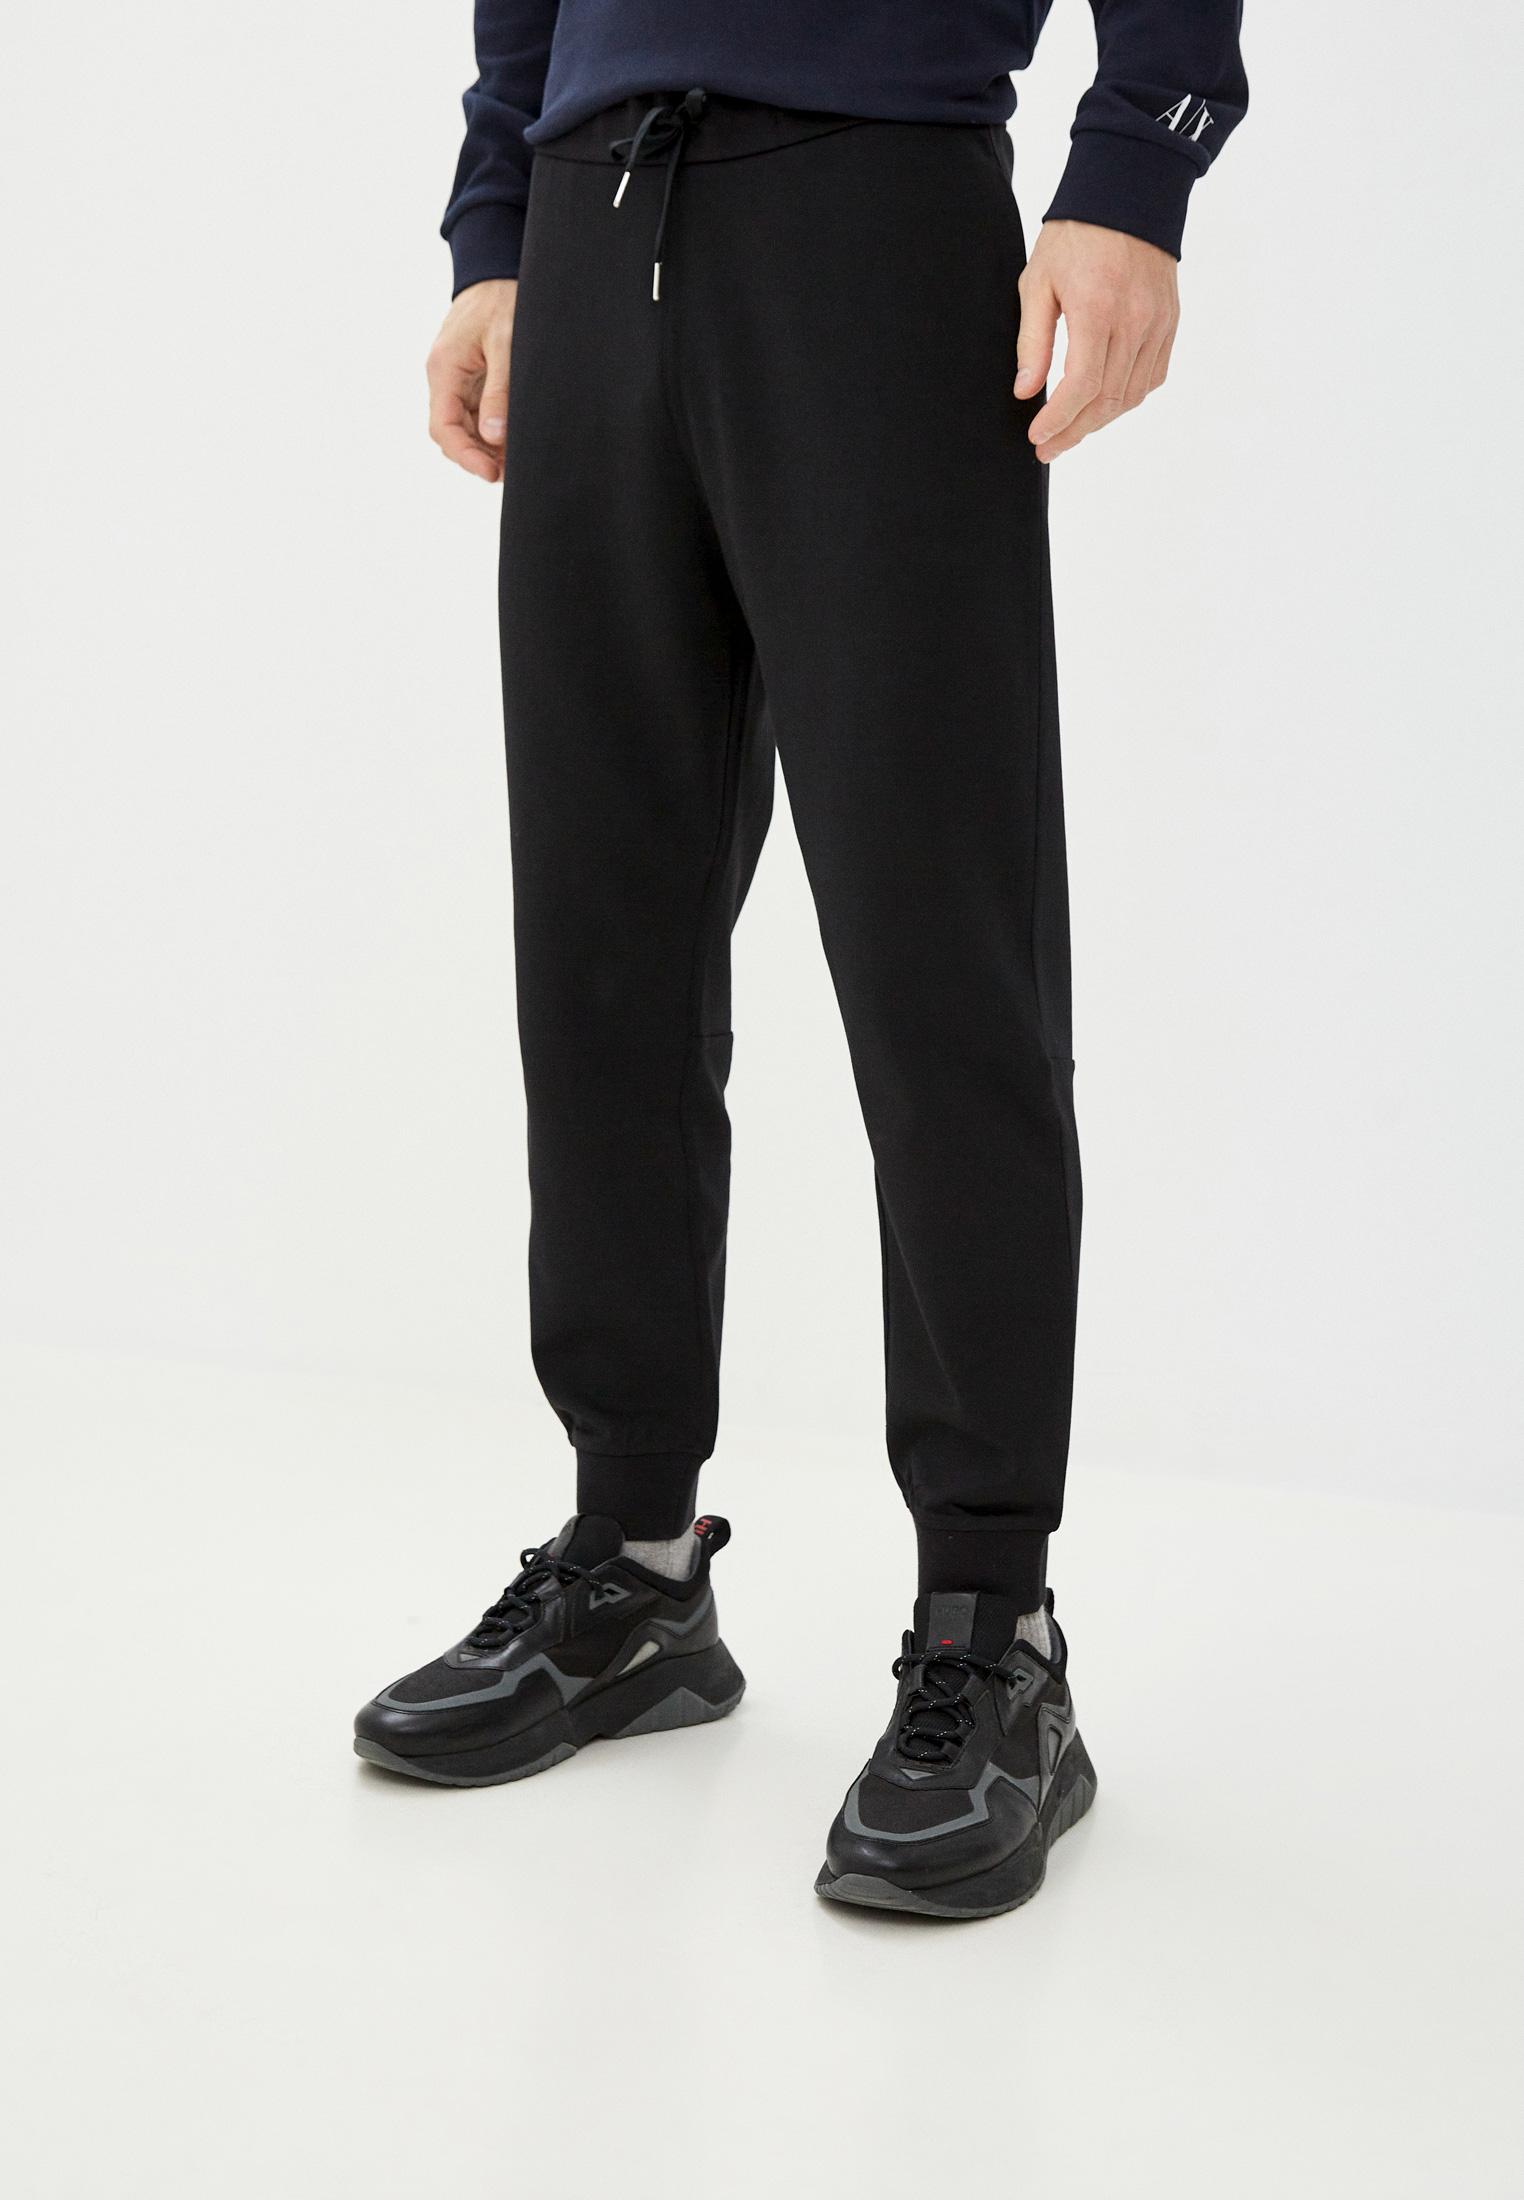 Мужские спортивные брюки Armani Exchange 6hzpfk ZJQ2Z